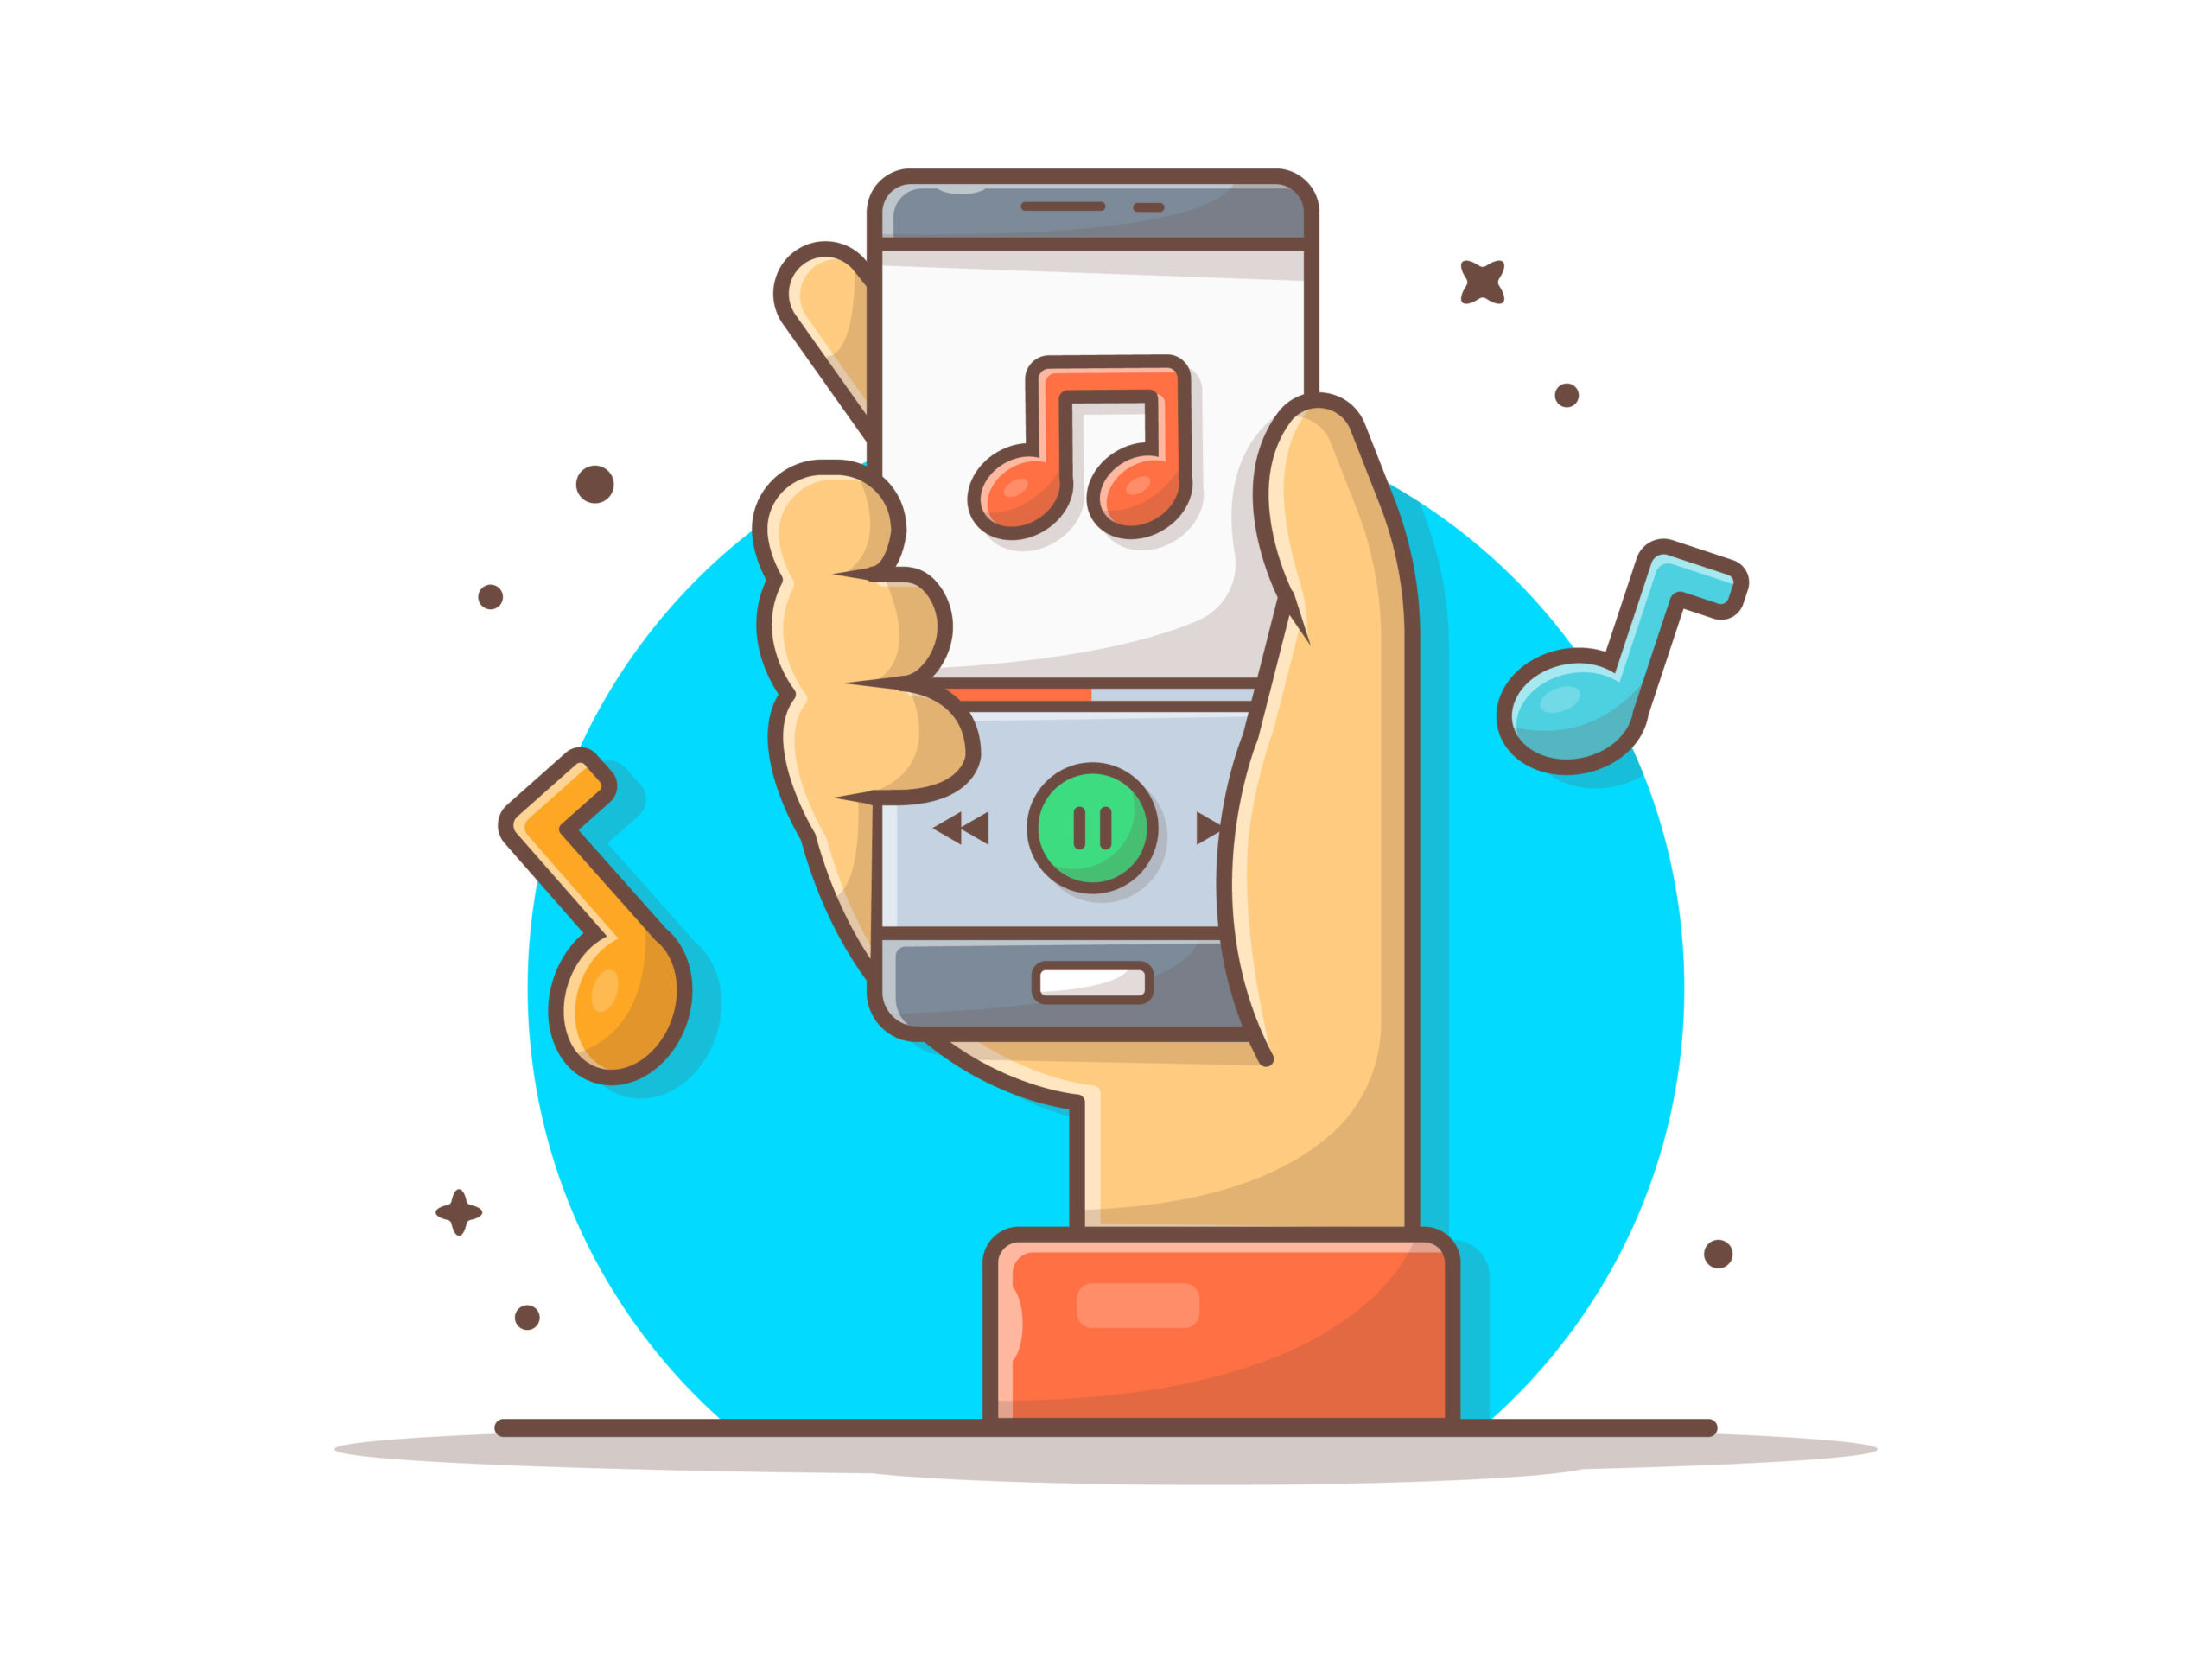 音楽配信サービス3つ